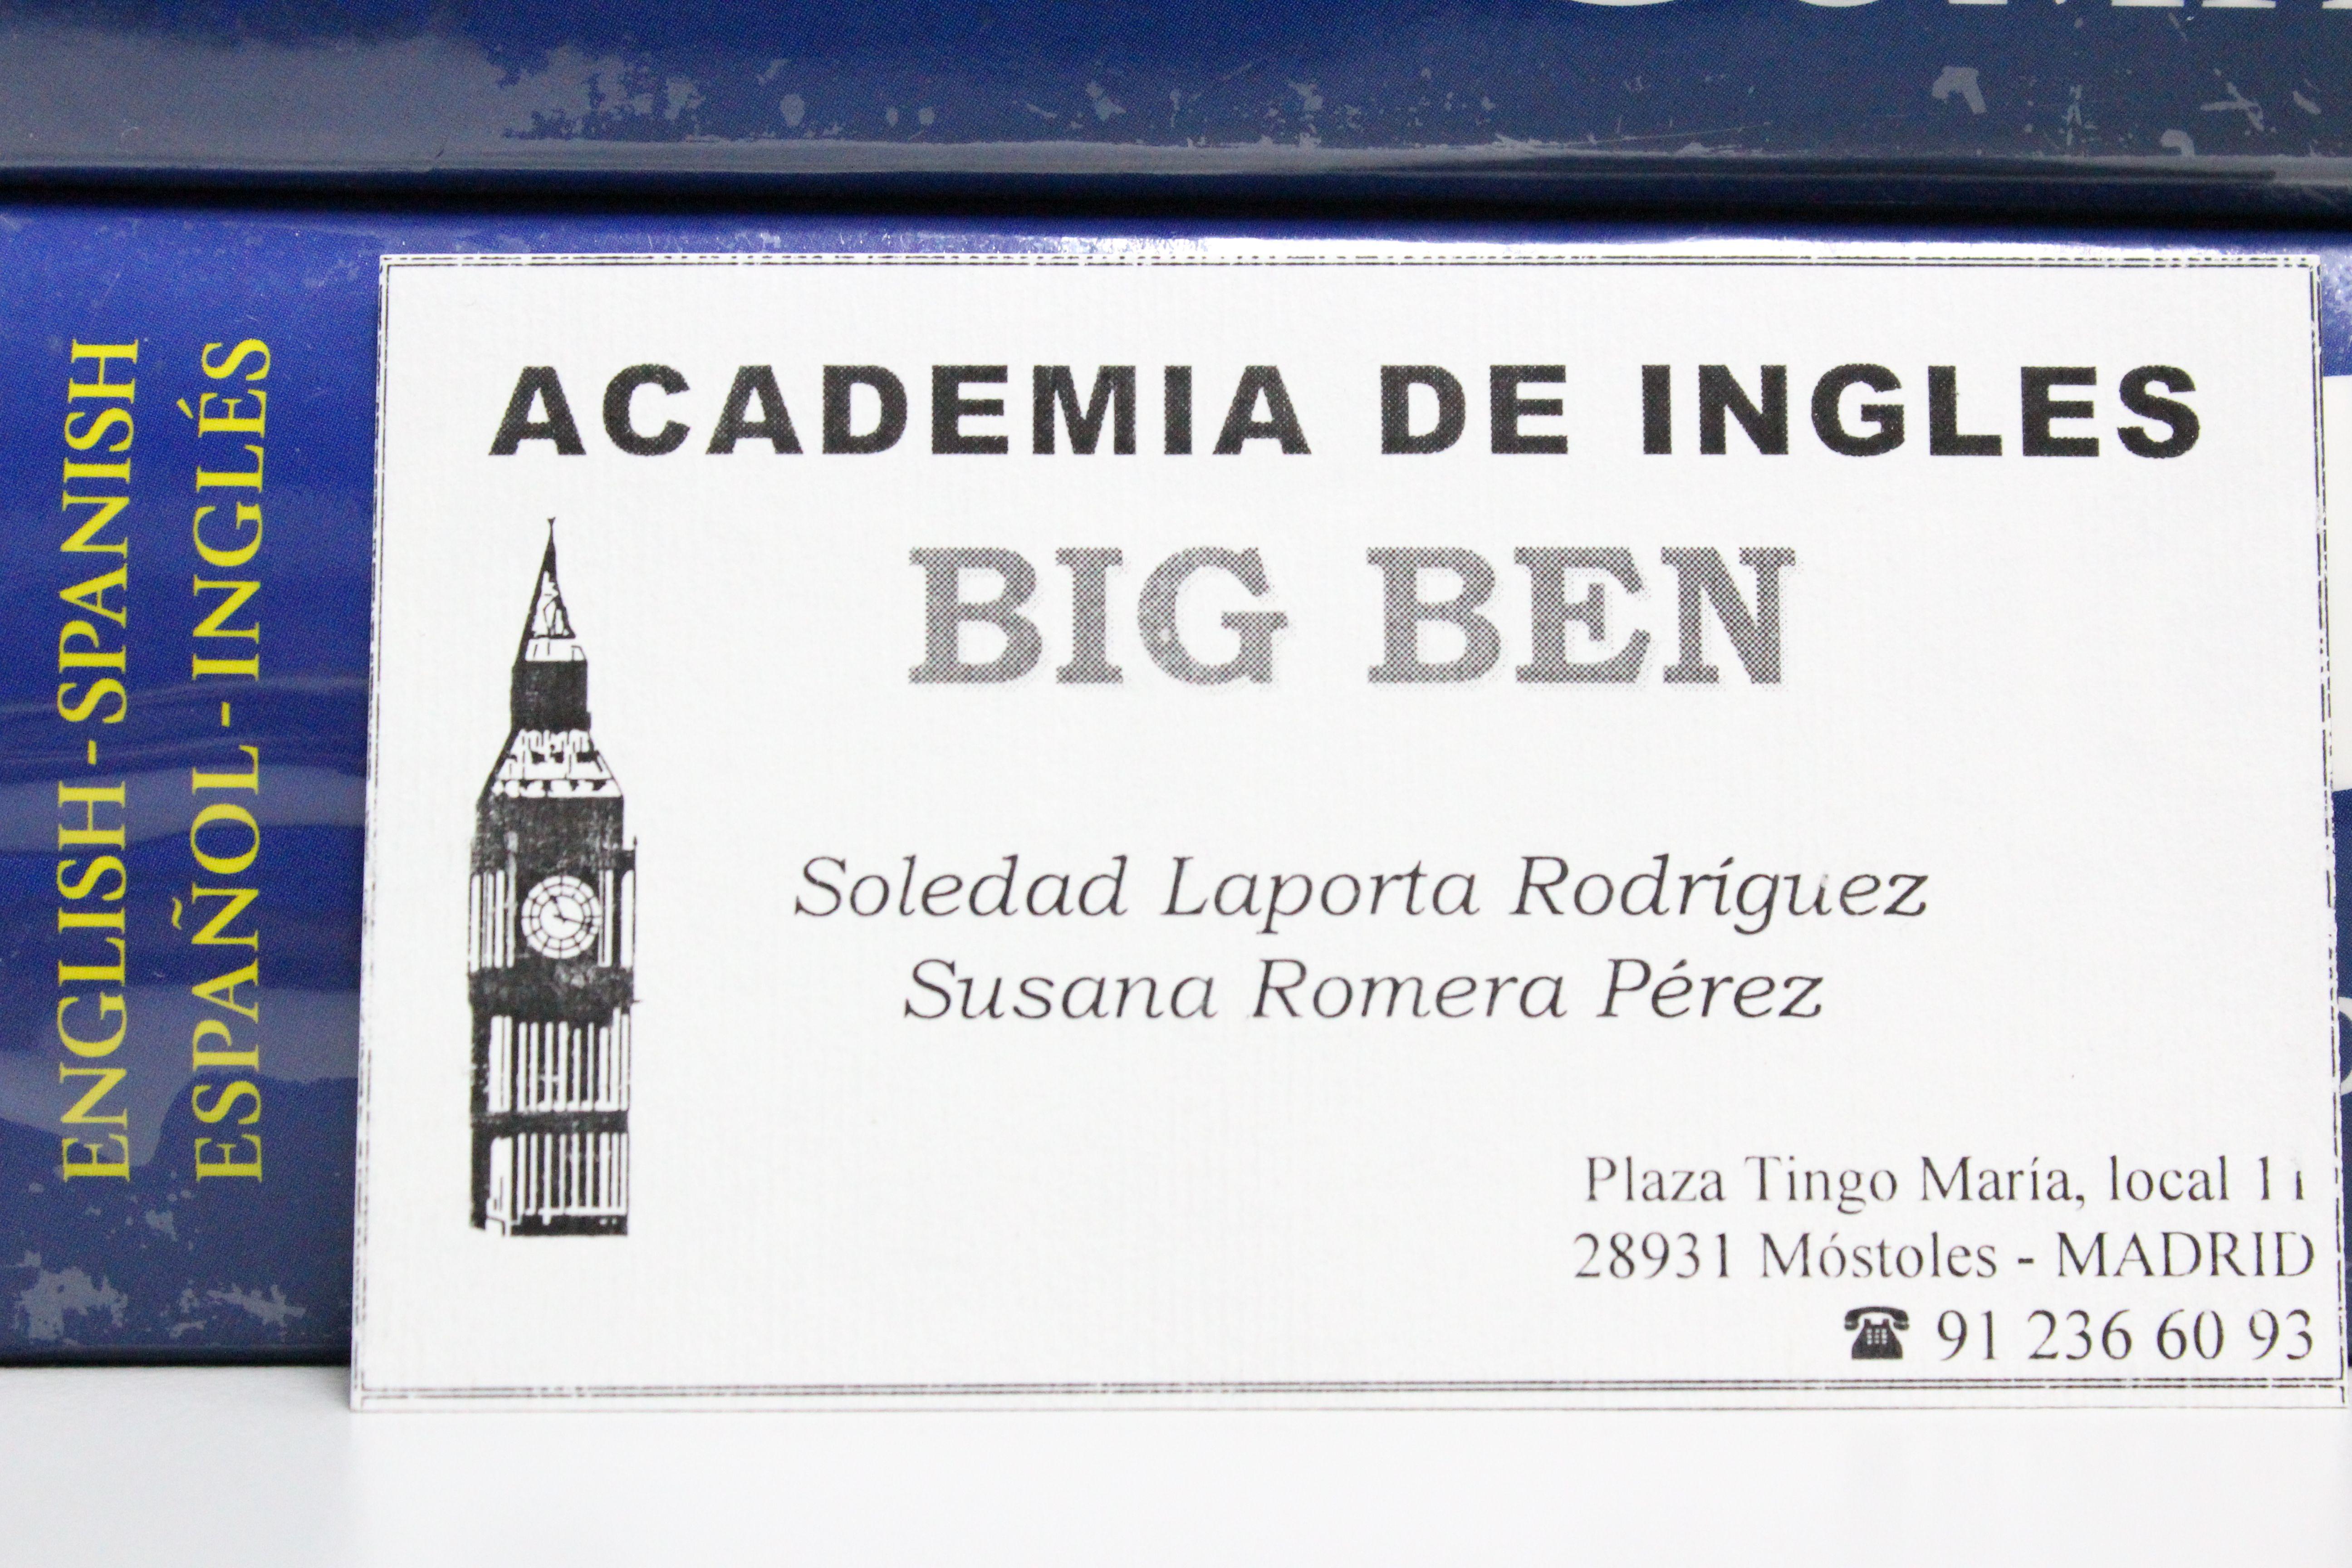 Foto 4 de Academias de idiomas en Móstoles | Academia Big Ben